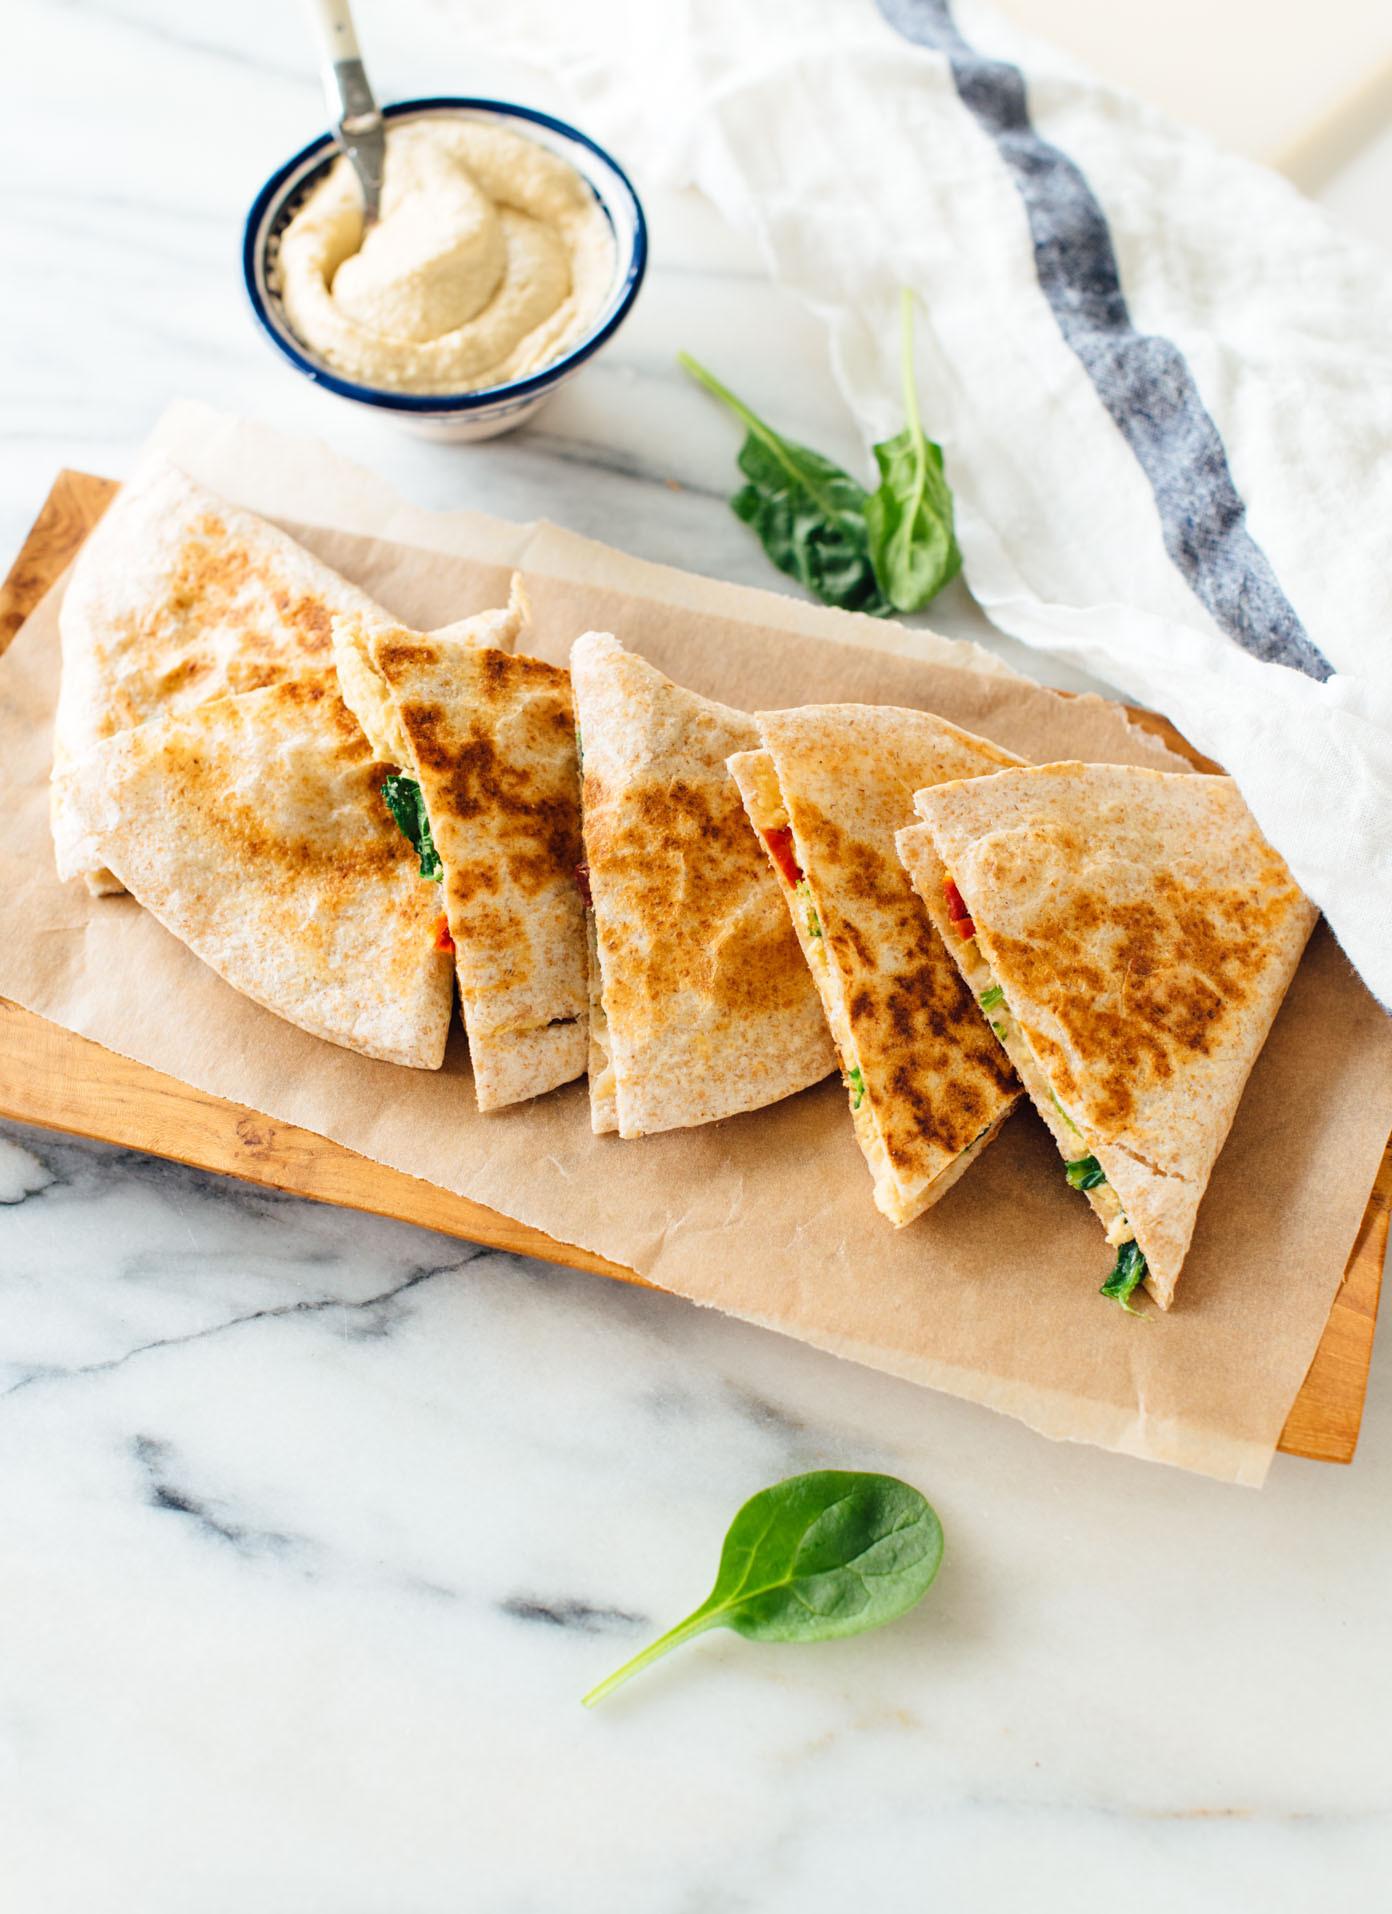 Healthy Quesadillas Recipes  Hummus Quesadillas Ekin Olive Oil